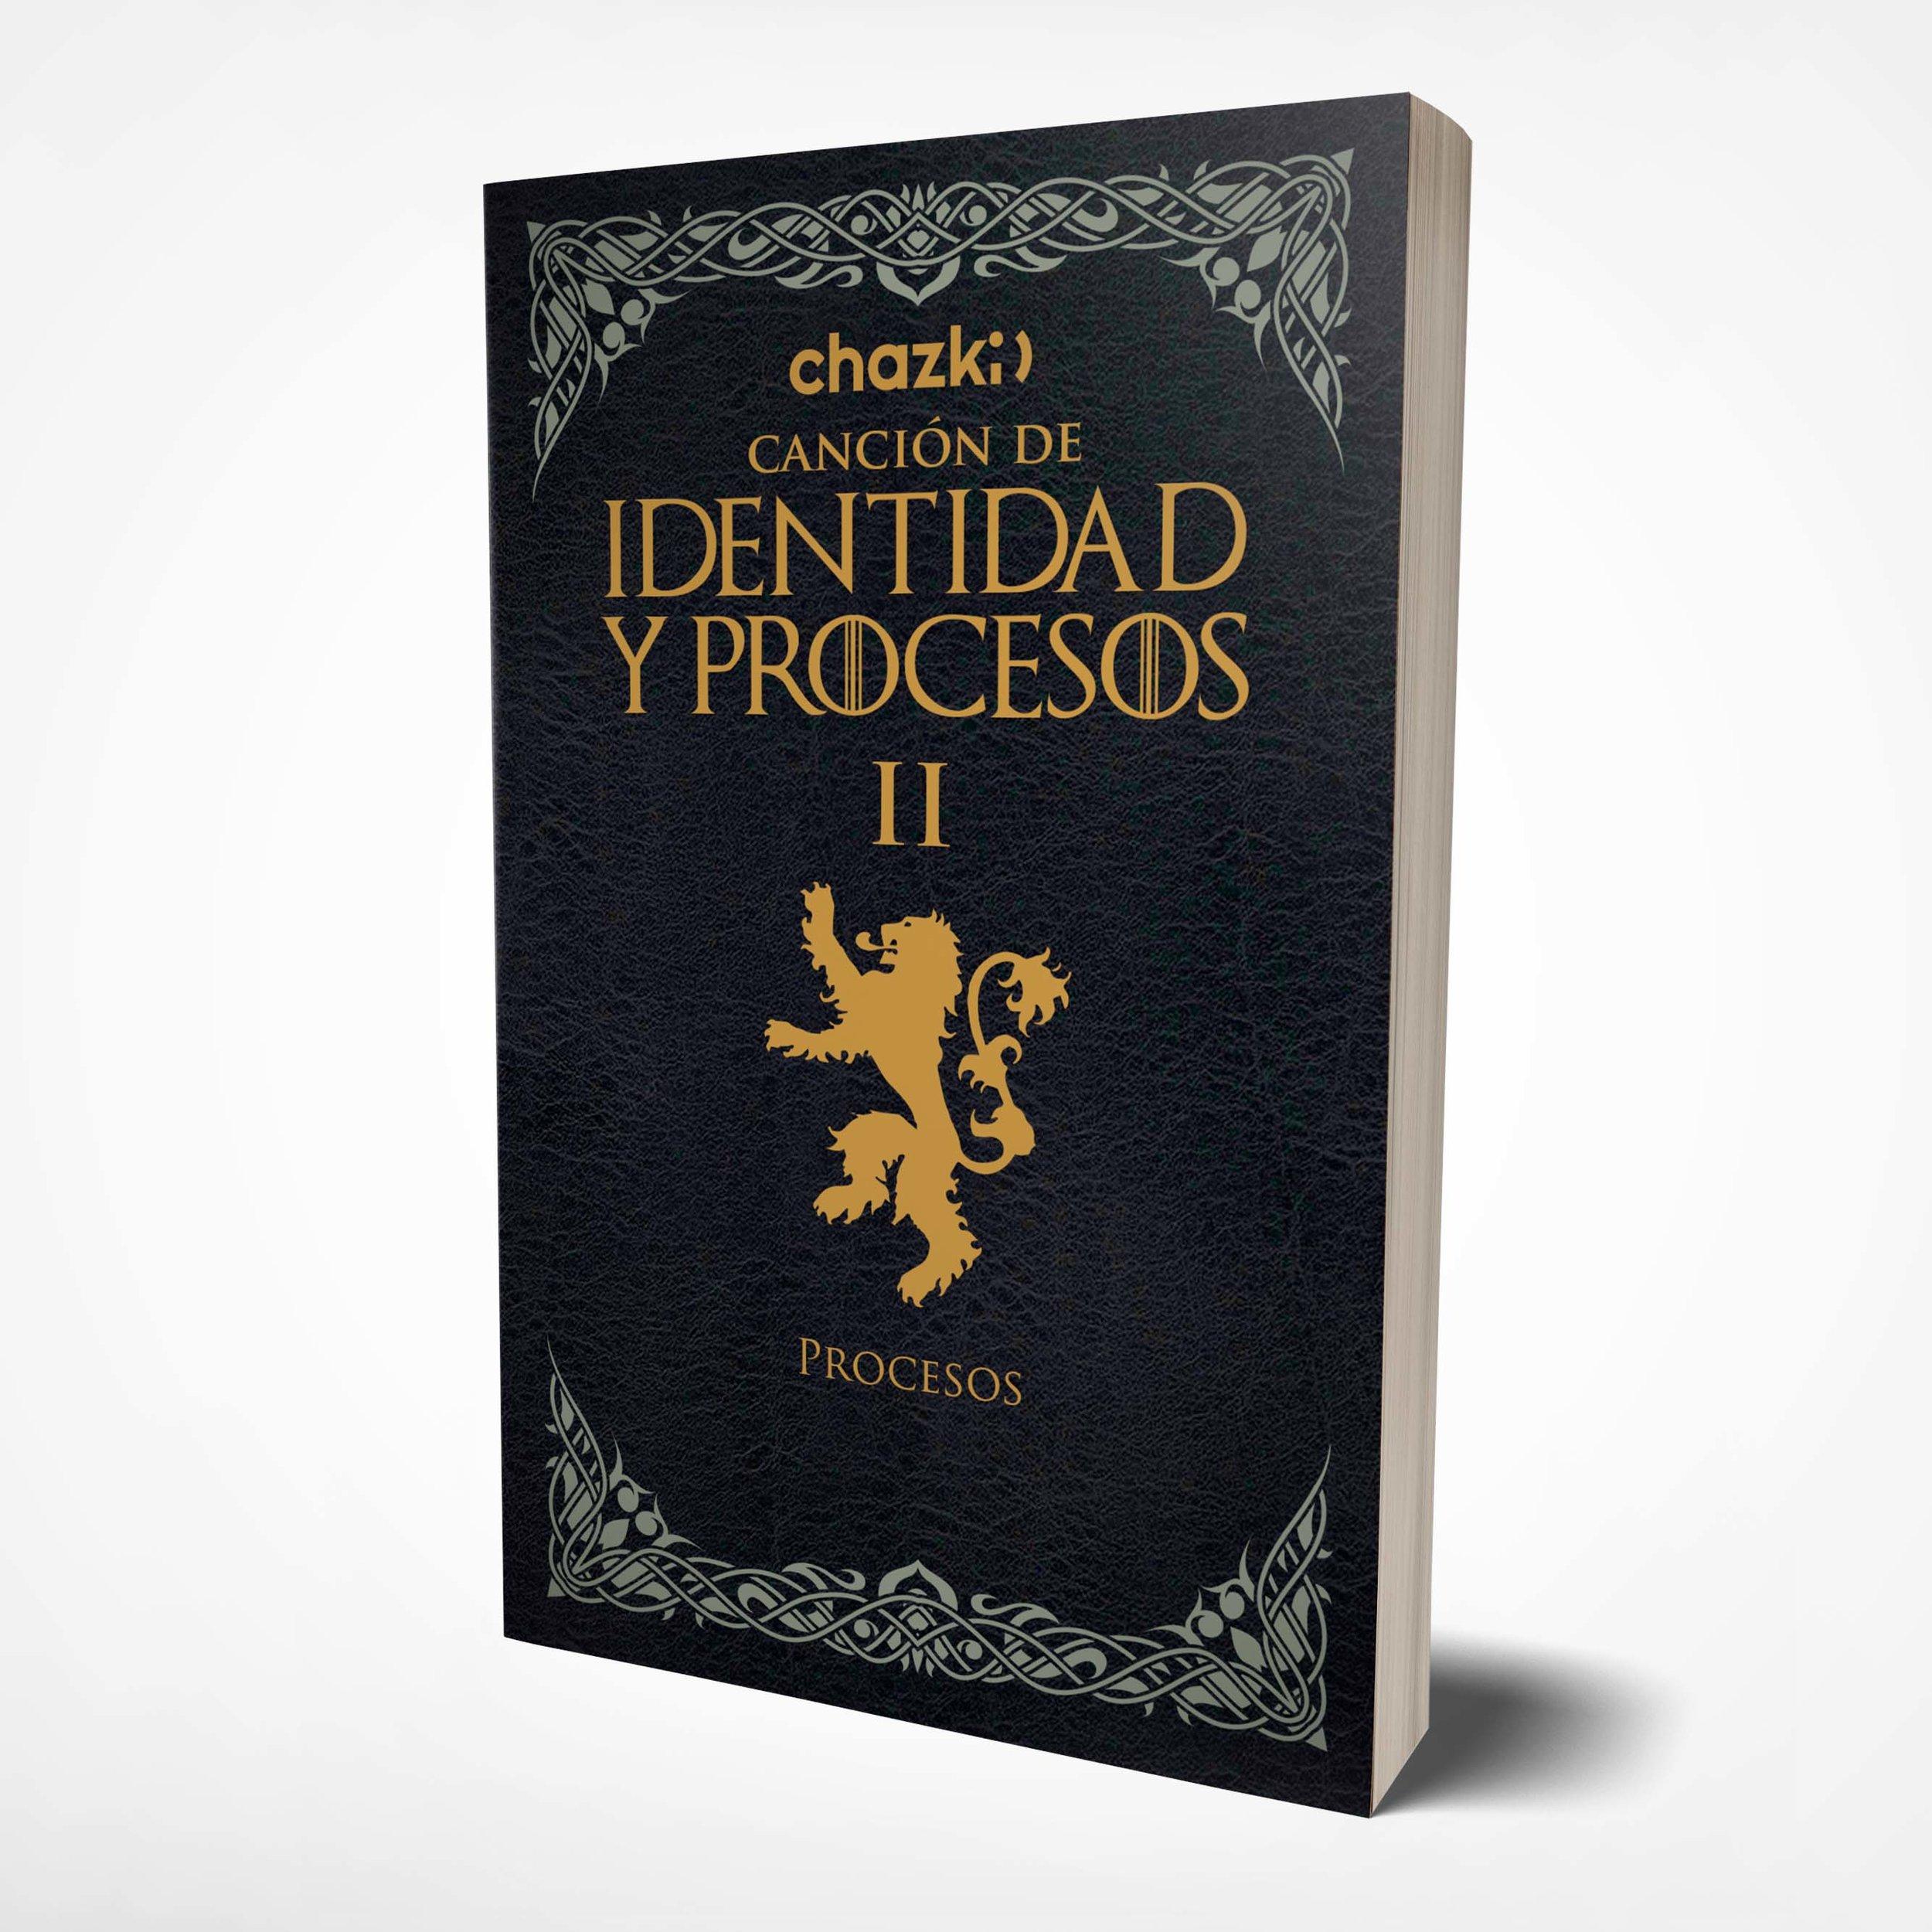 libro-got-02.jpg